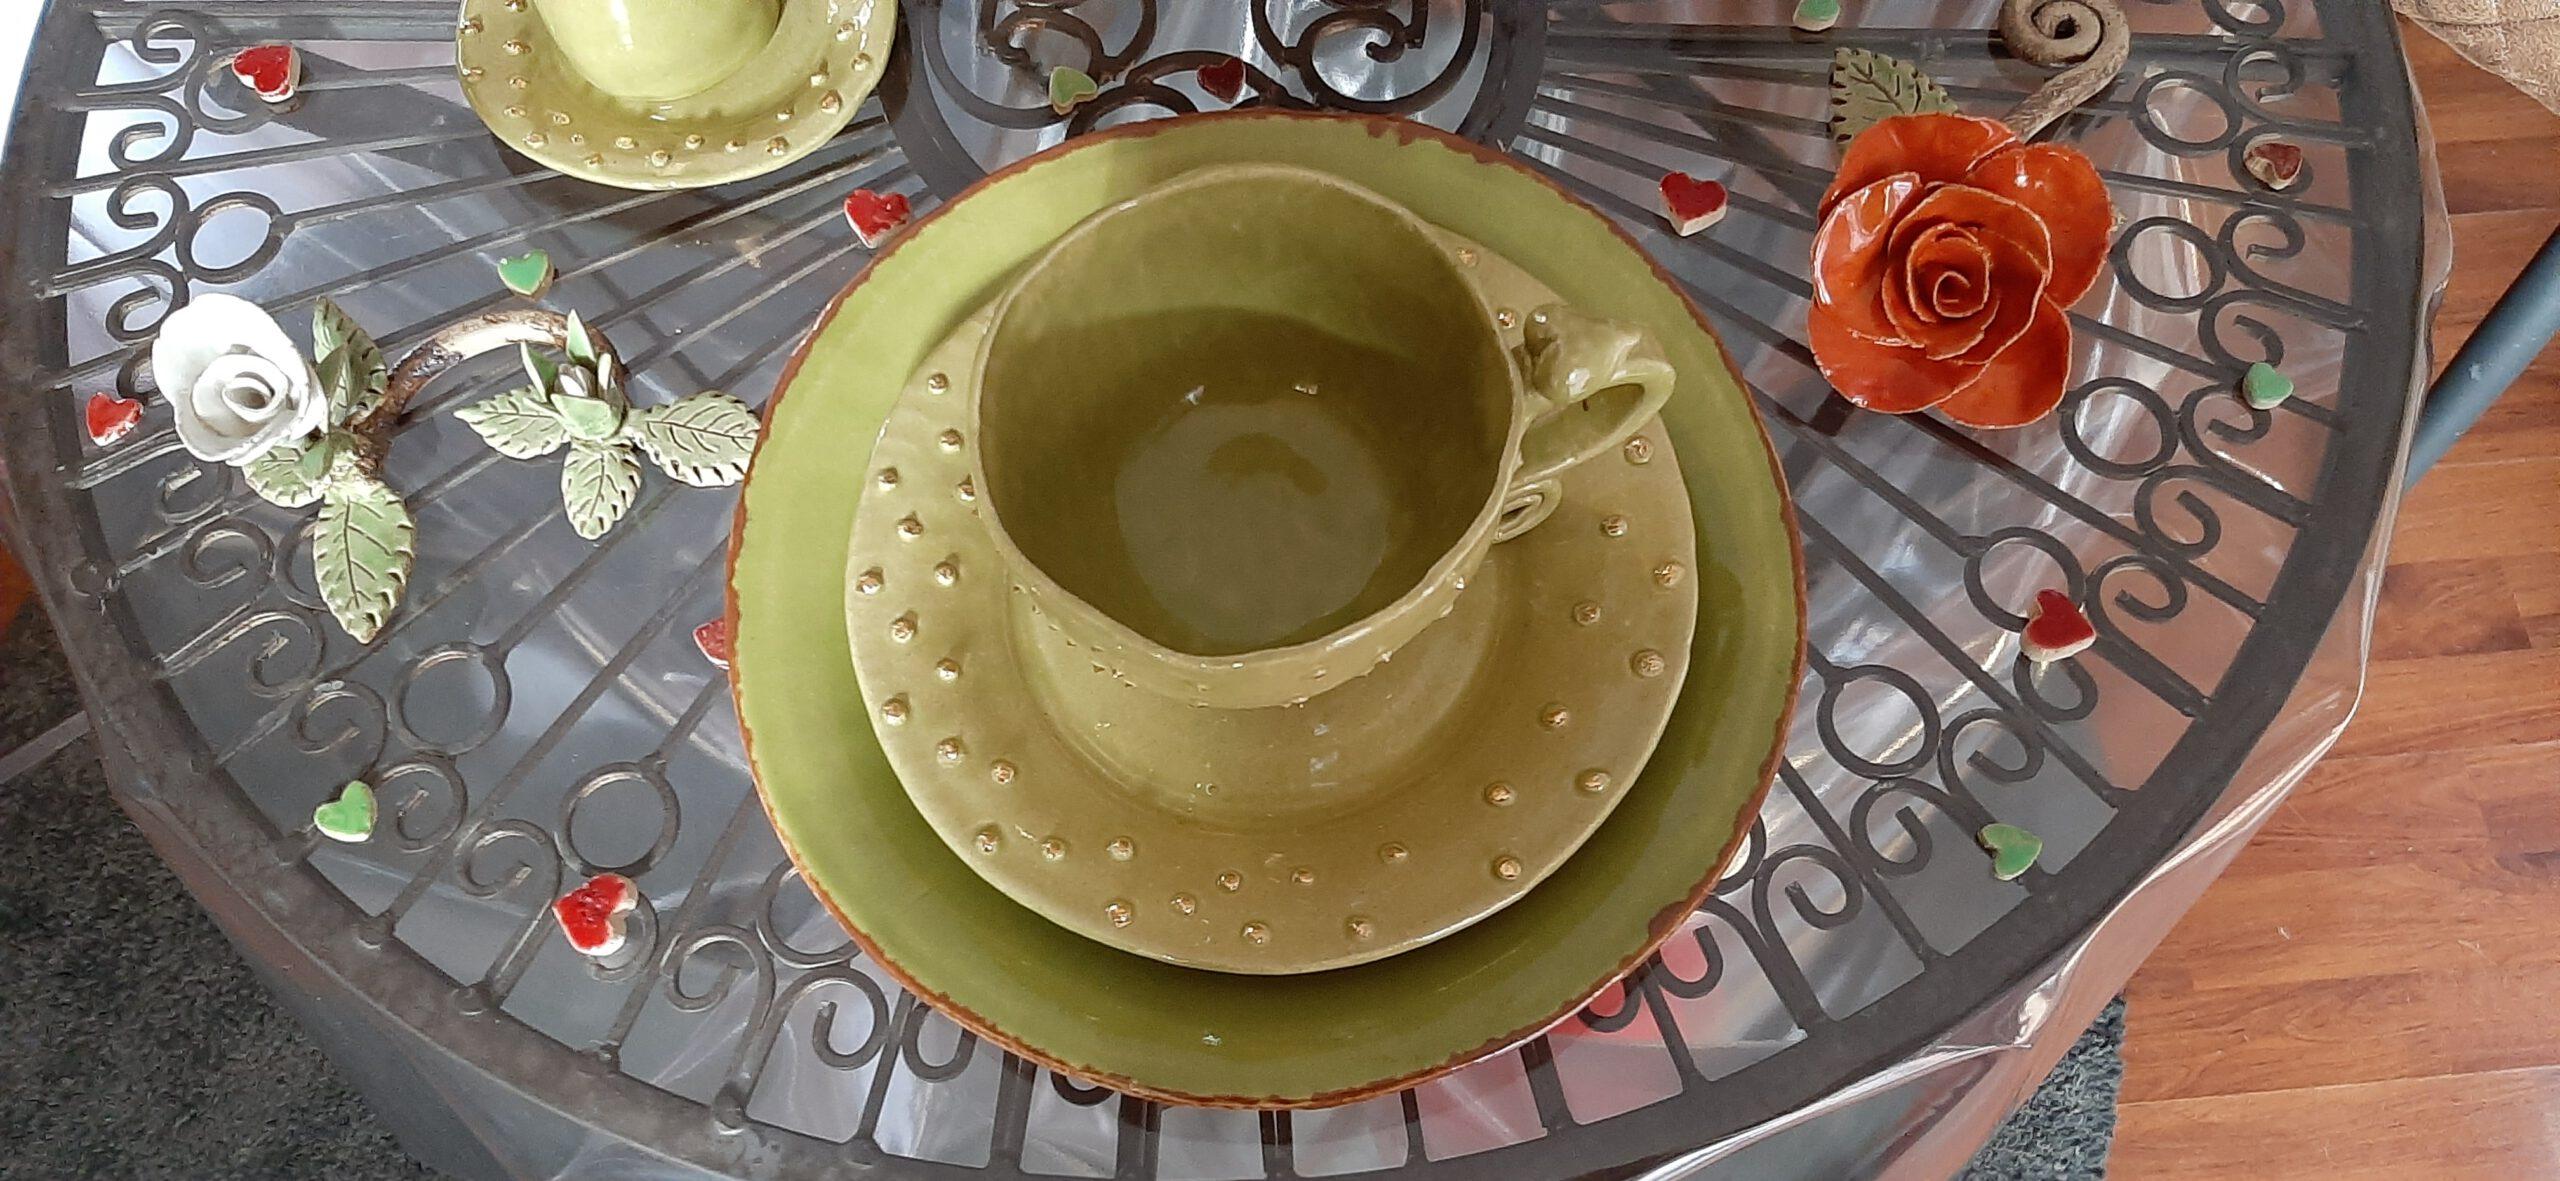 grüne Tasse, Teller, Keramik, KeraMik von Herz zu Herz, Augsburg, Handarbeit mit Liebe